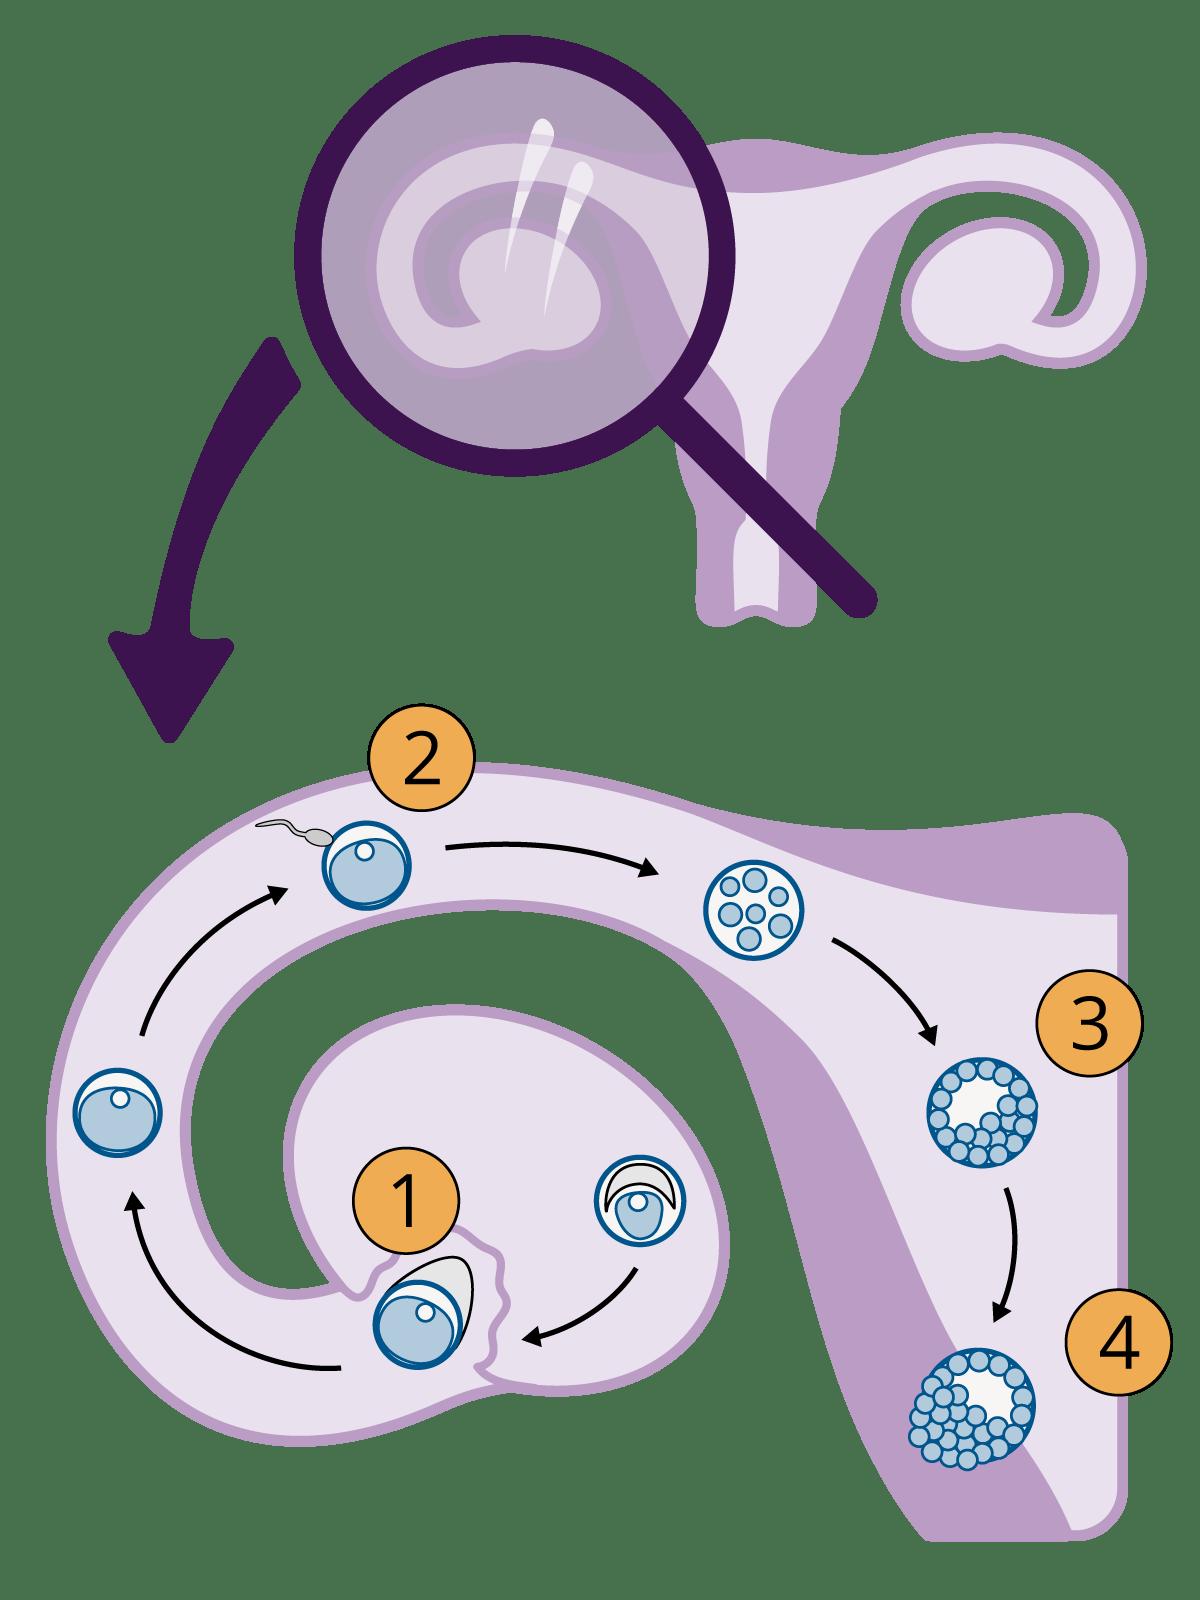 Weg der Eizelle durch den Eileiter bis zur Einnistung in der Gebärmutterschleimhaut als Infografik dargestellt.